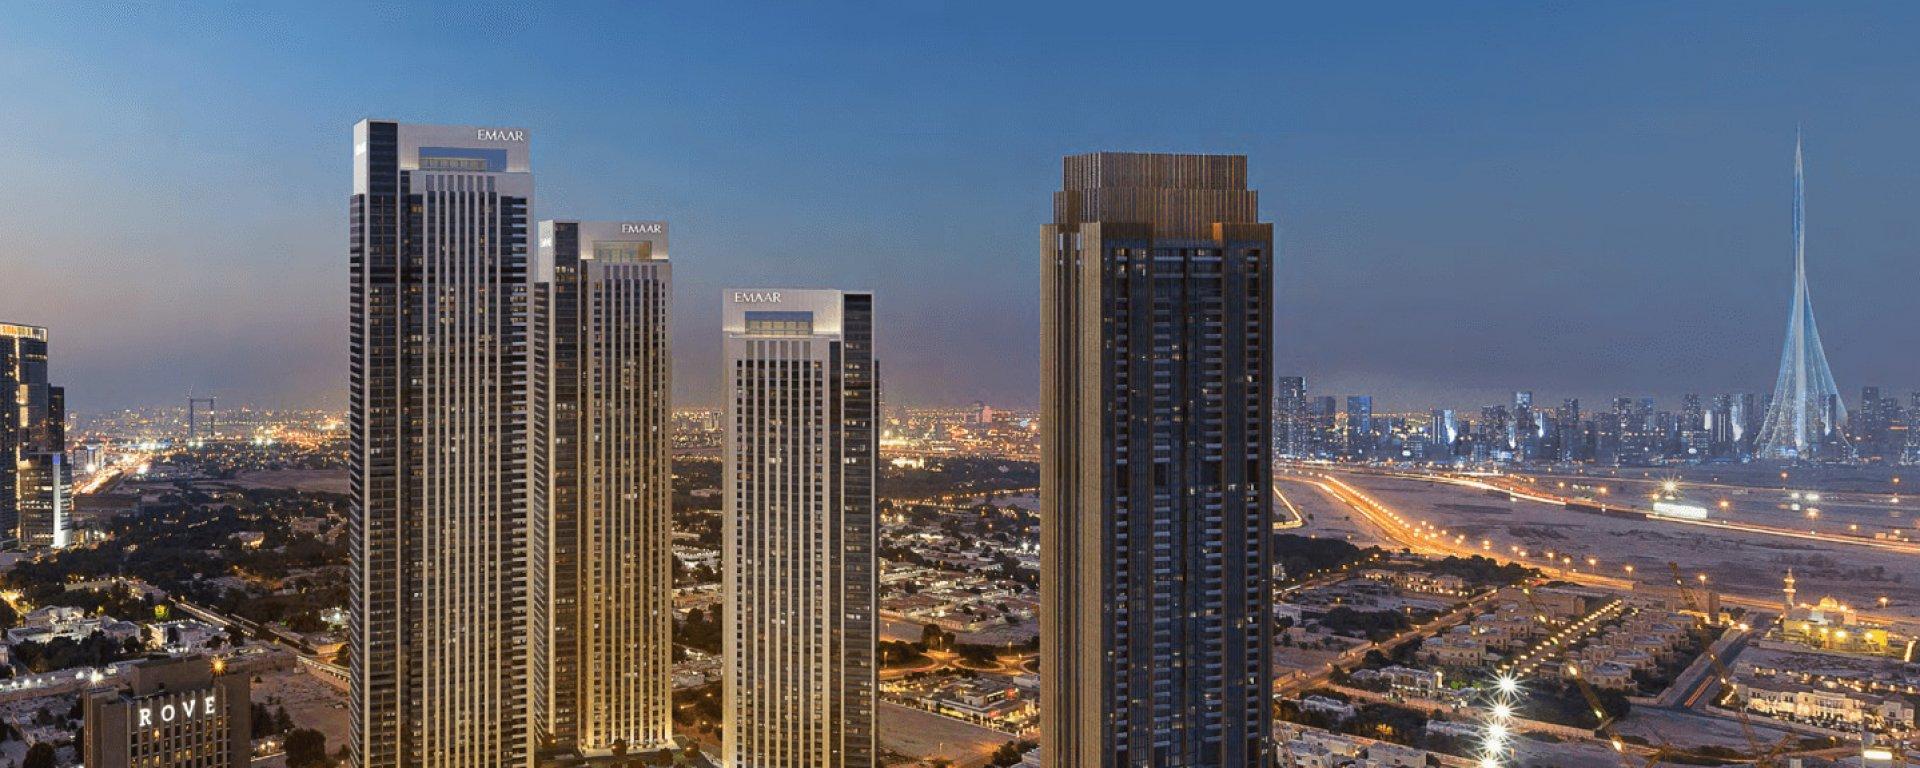 Apartamento en venta en Dubai, EAU, 3 dormitorios, 166 m2, № 23867 – foto 2